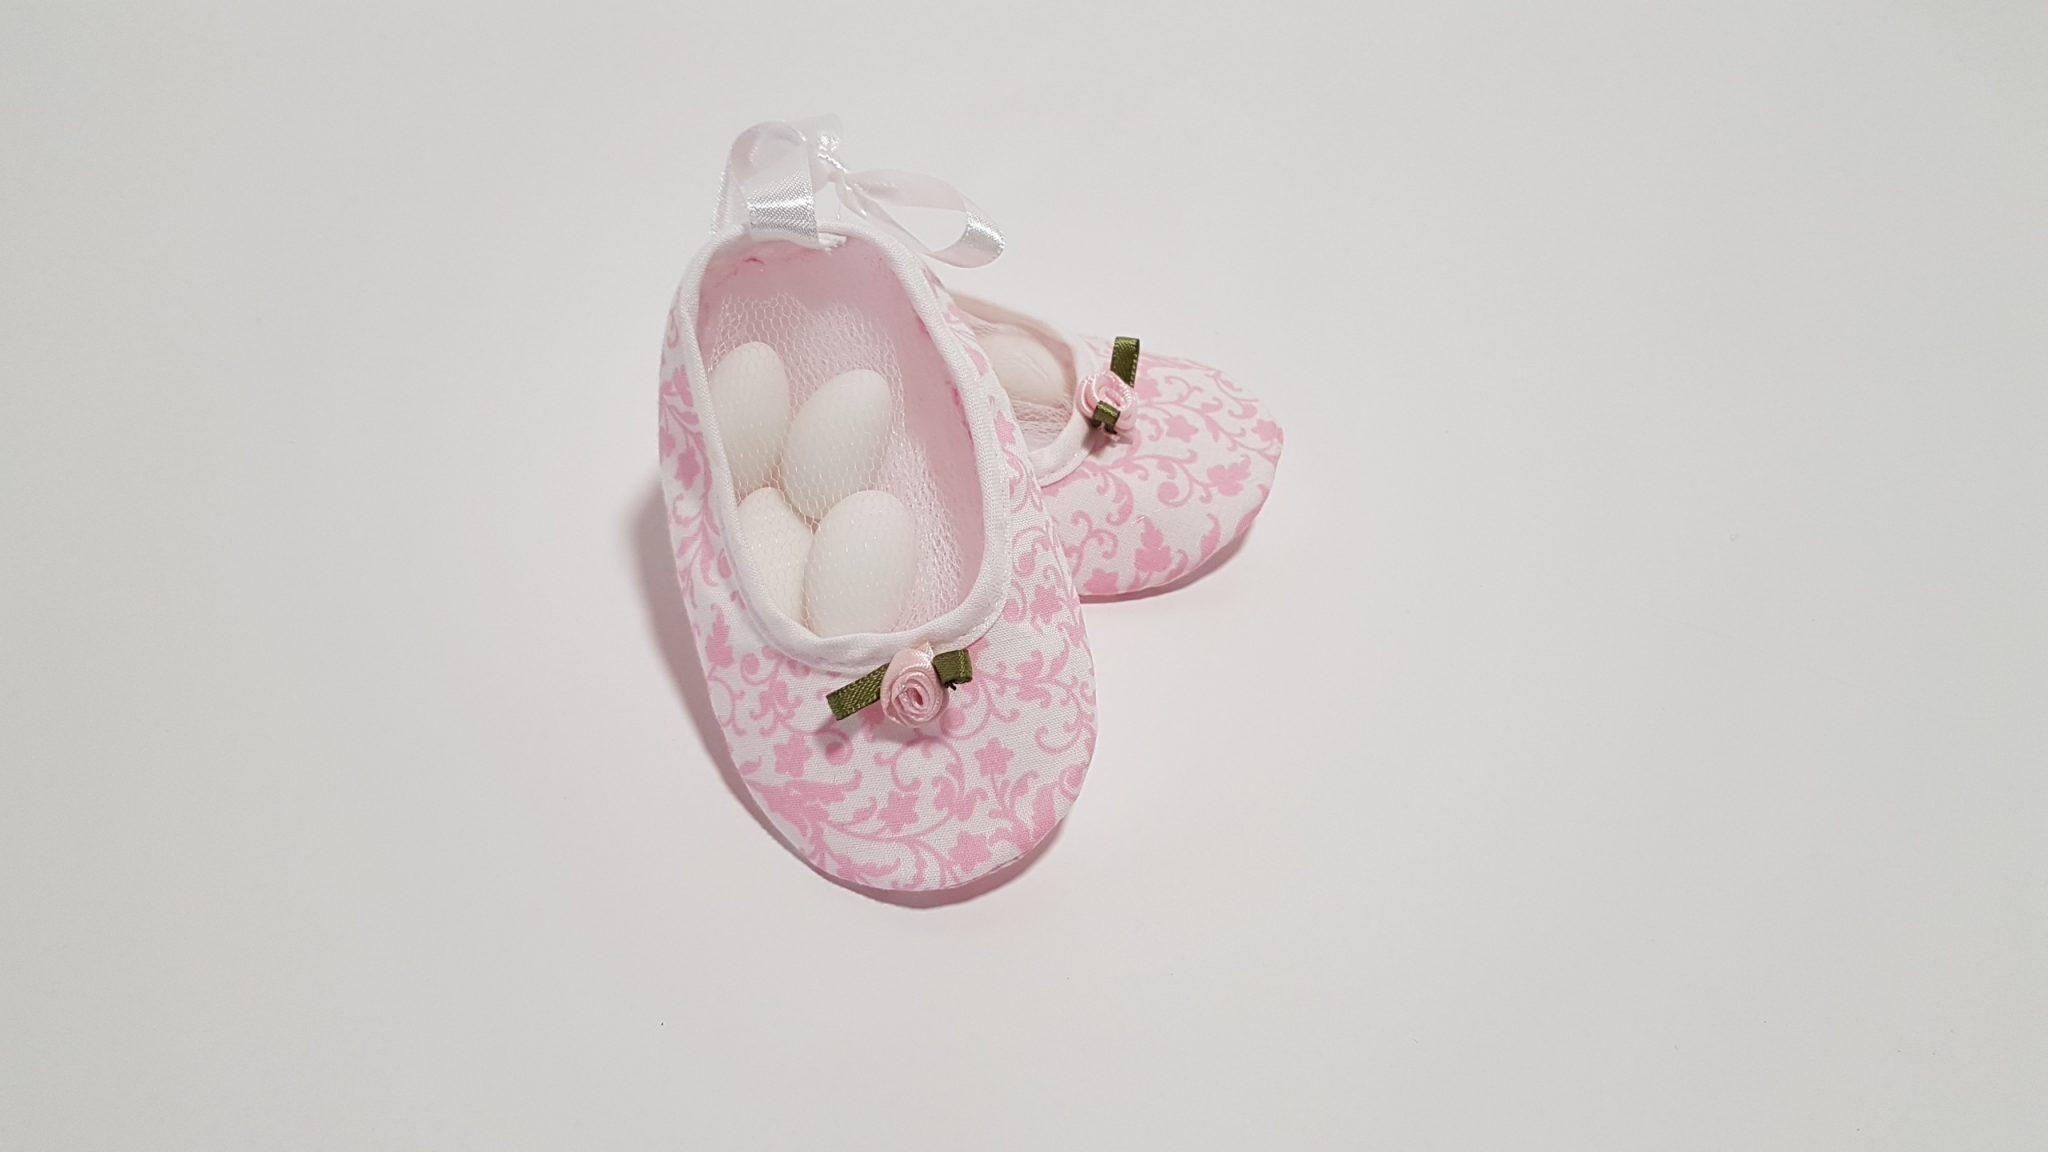 Μπομπονιέρα παπουτσάκια με ύφασμα λαχούρι και λουλουδάκια.